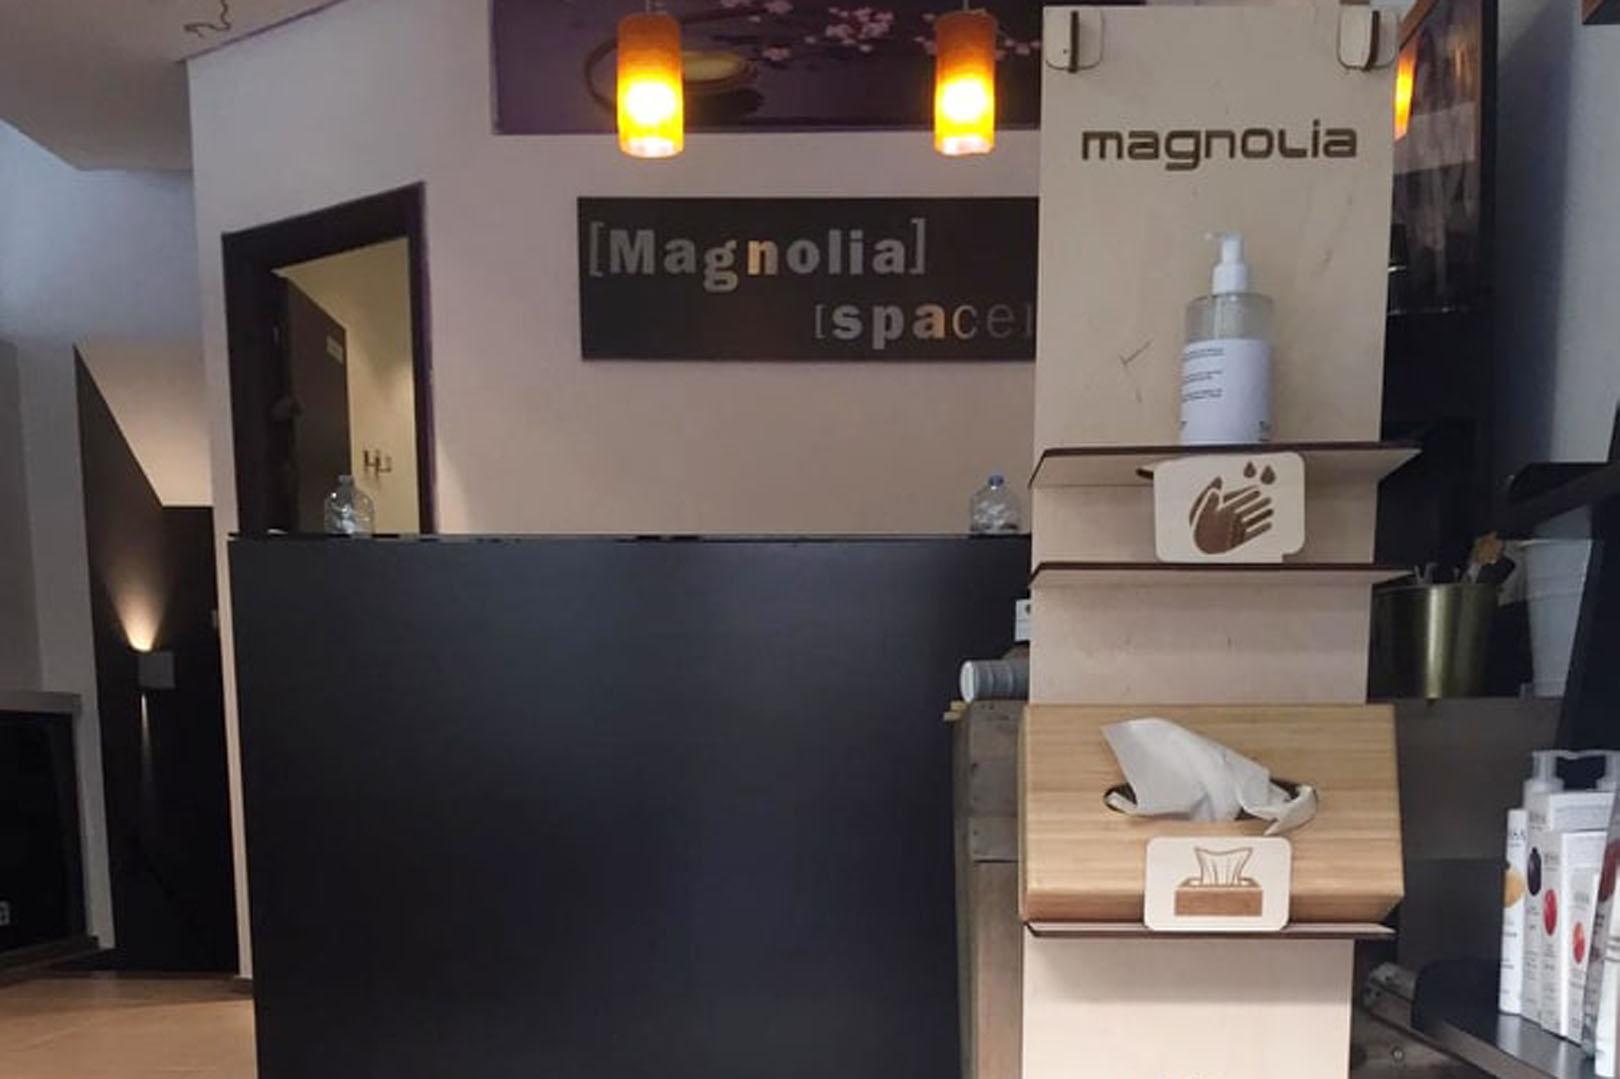 Magnolia Space